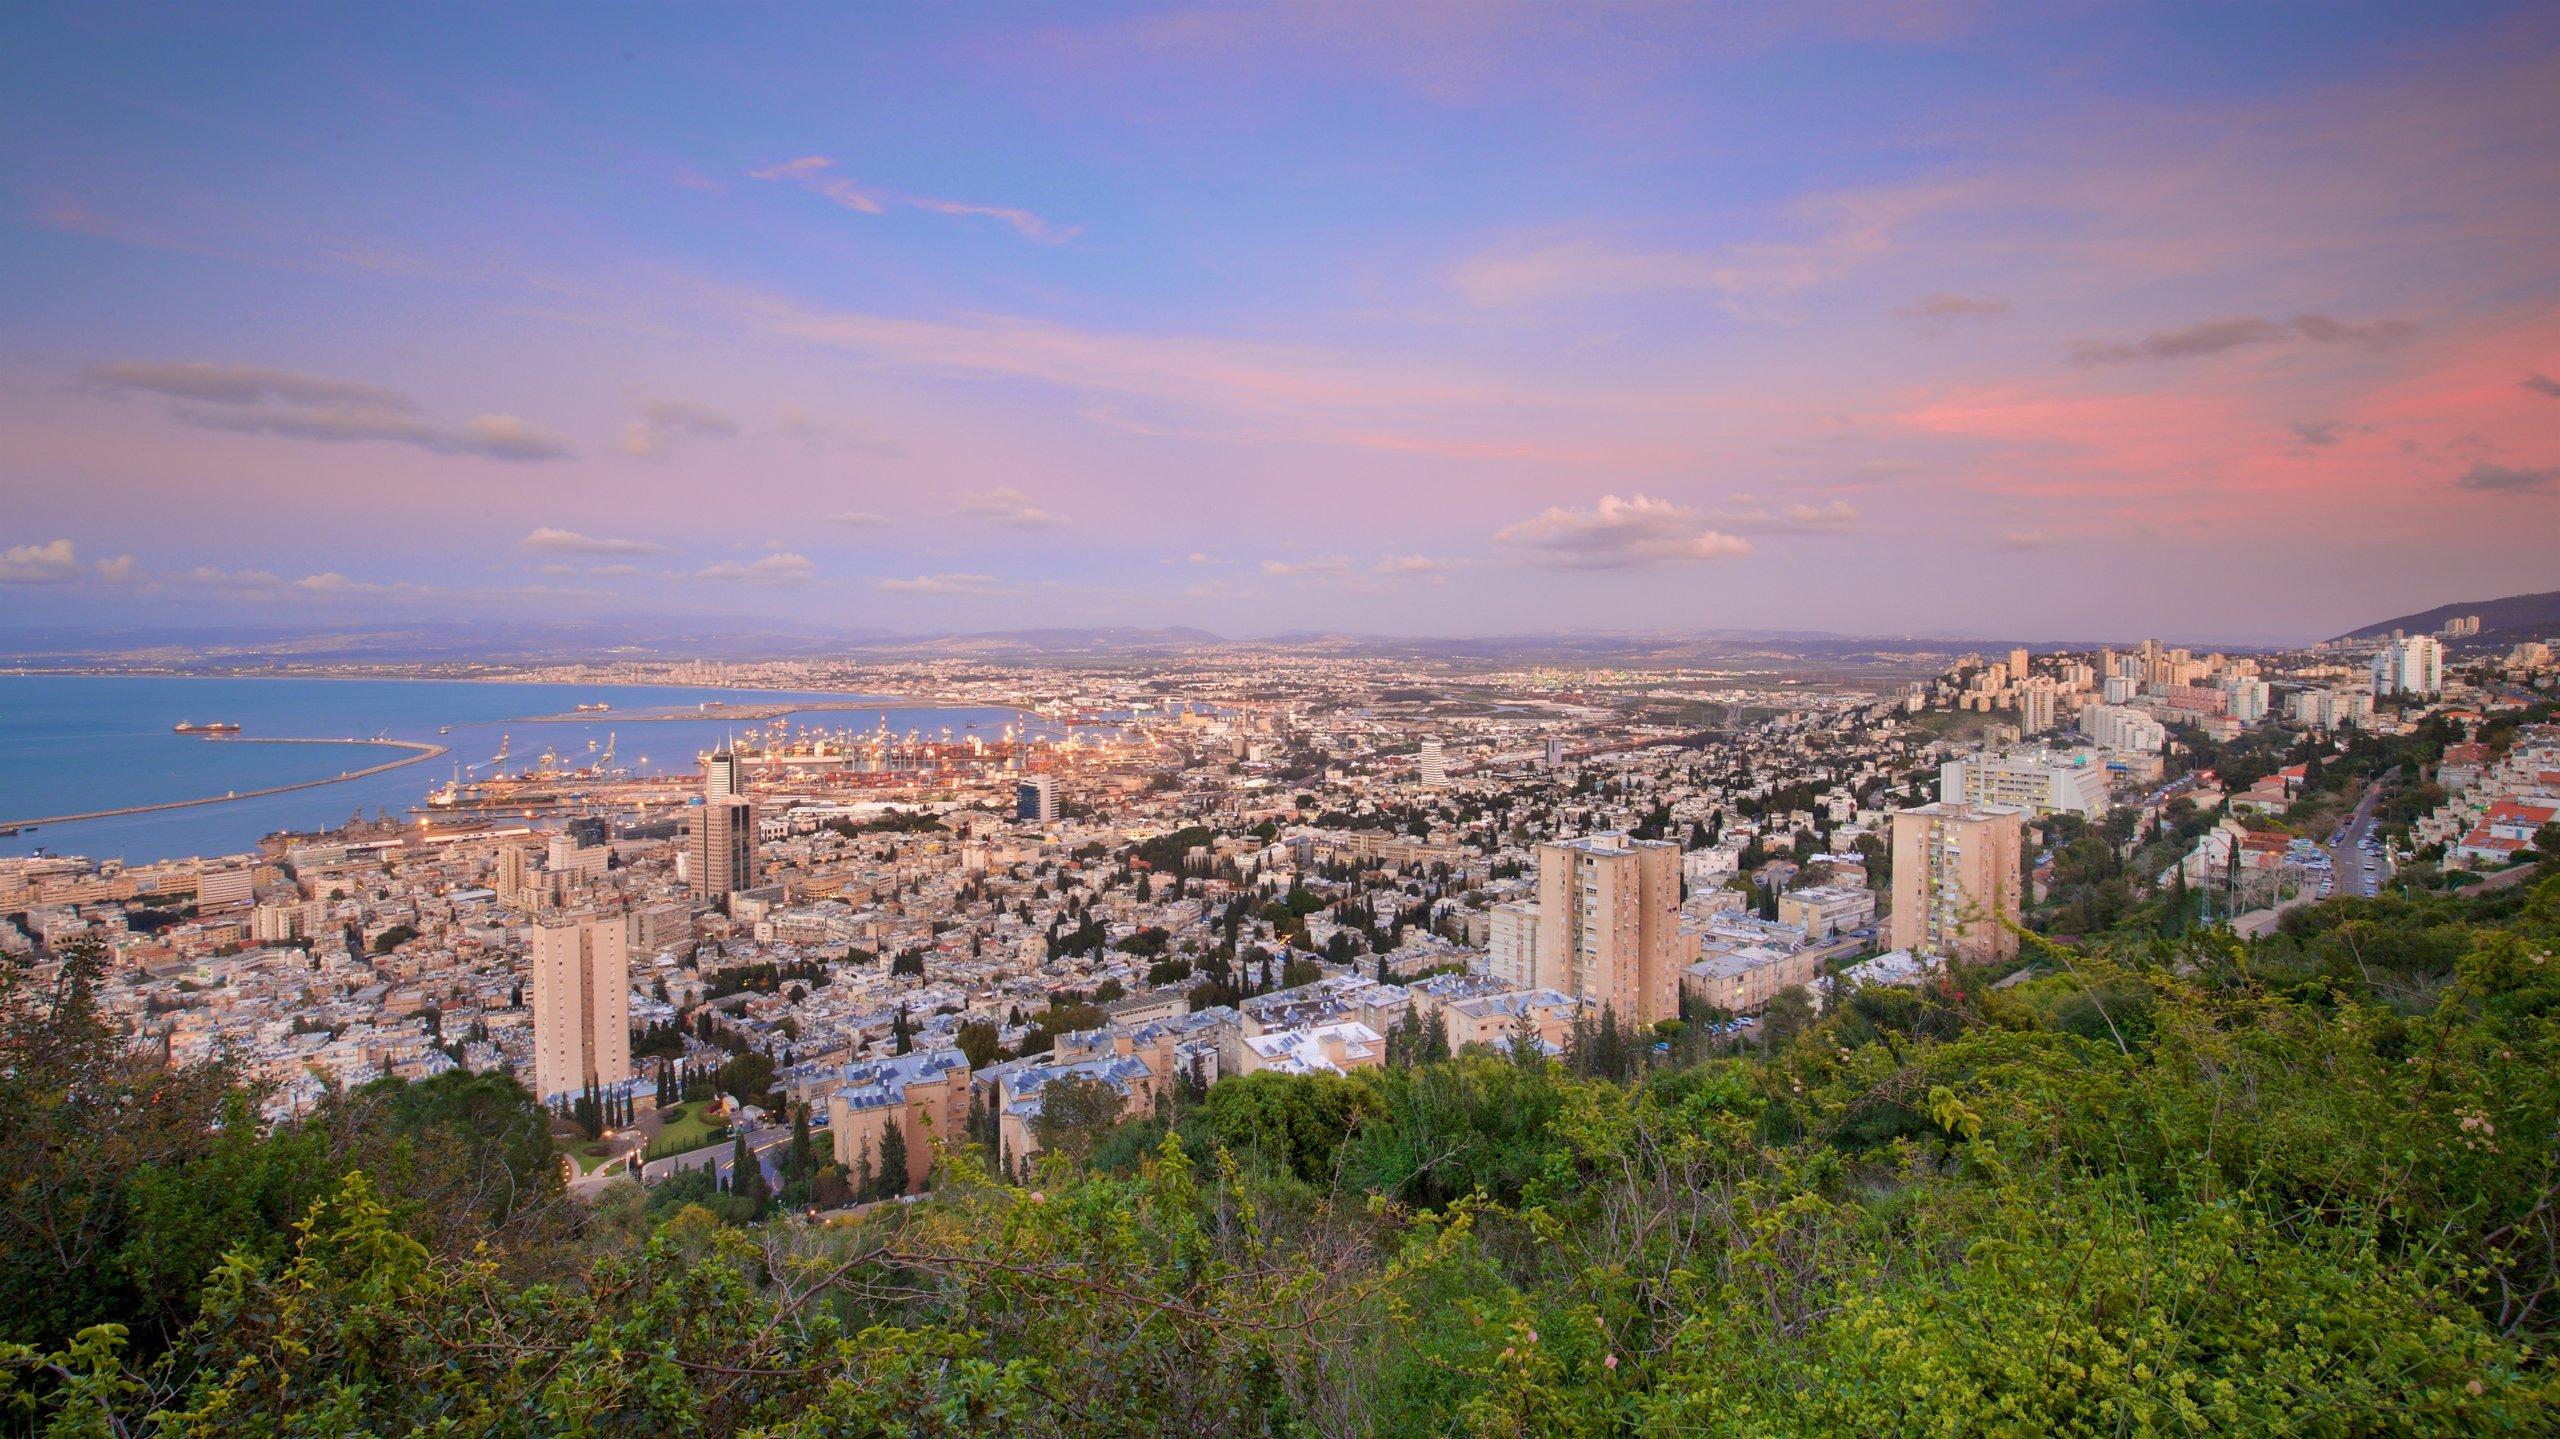 Haifa District, Israel